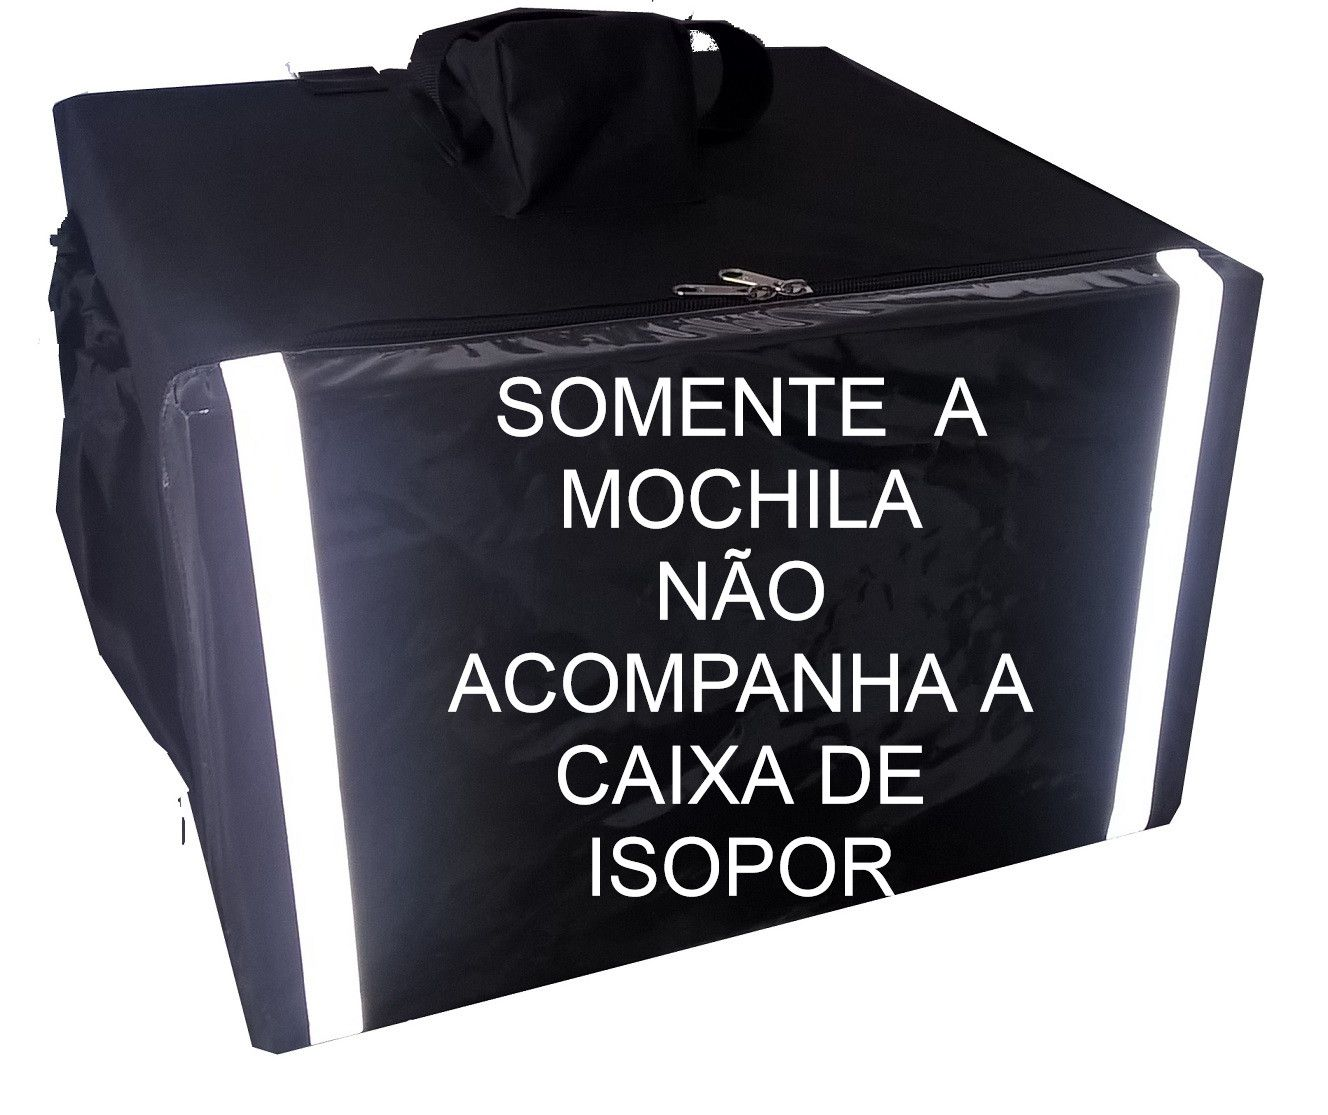 Mochila 12 ou 20 Marmitex  para Reposição - Não acompanha caixa de isopor ou módulos  - GuerreiroOnline Bolsas e Mochilas para Pizza Lanches Marmitex